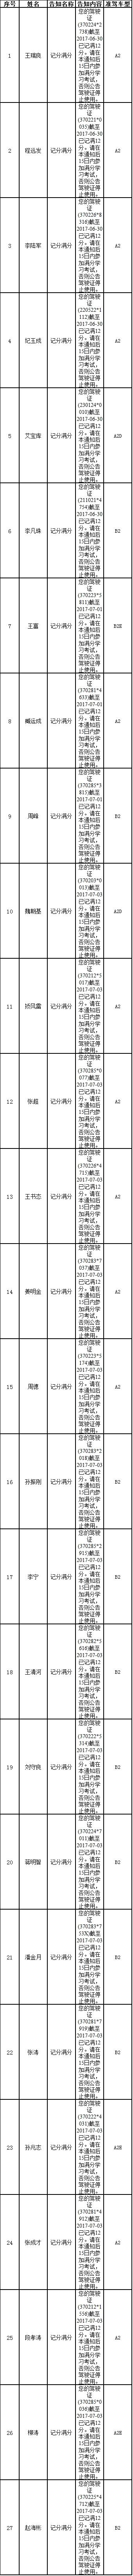 【畅安青岛】7月376名驾驶人驾照满分被降级